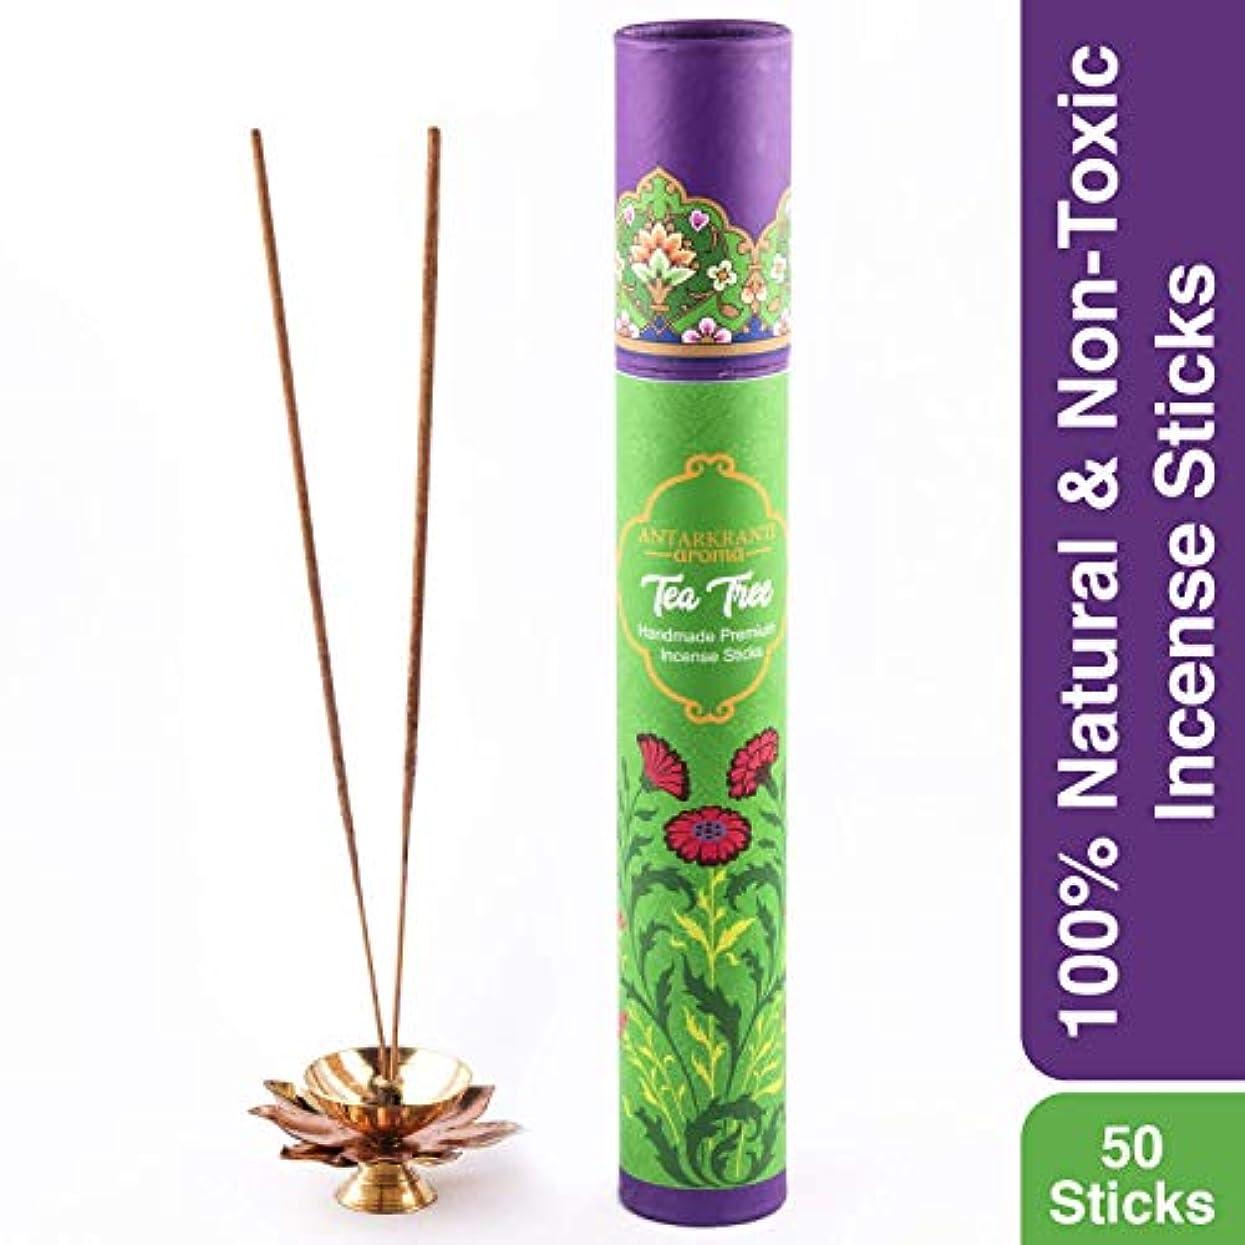 第三気球援助するAntarkranti Tradition Tea Tree Incense Stick Agarbatti